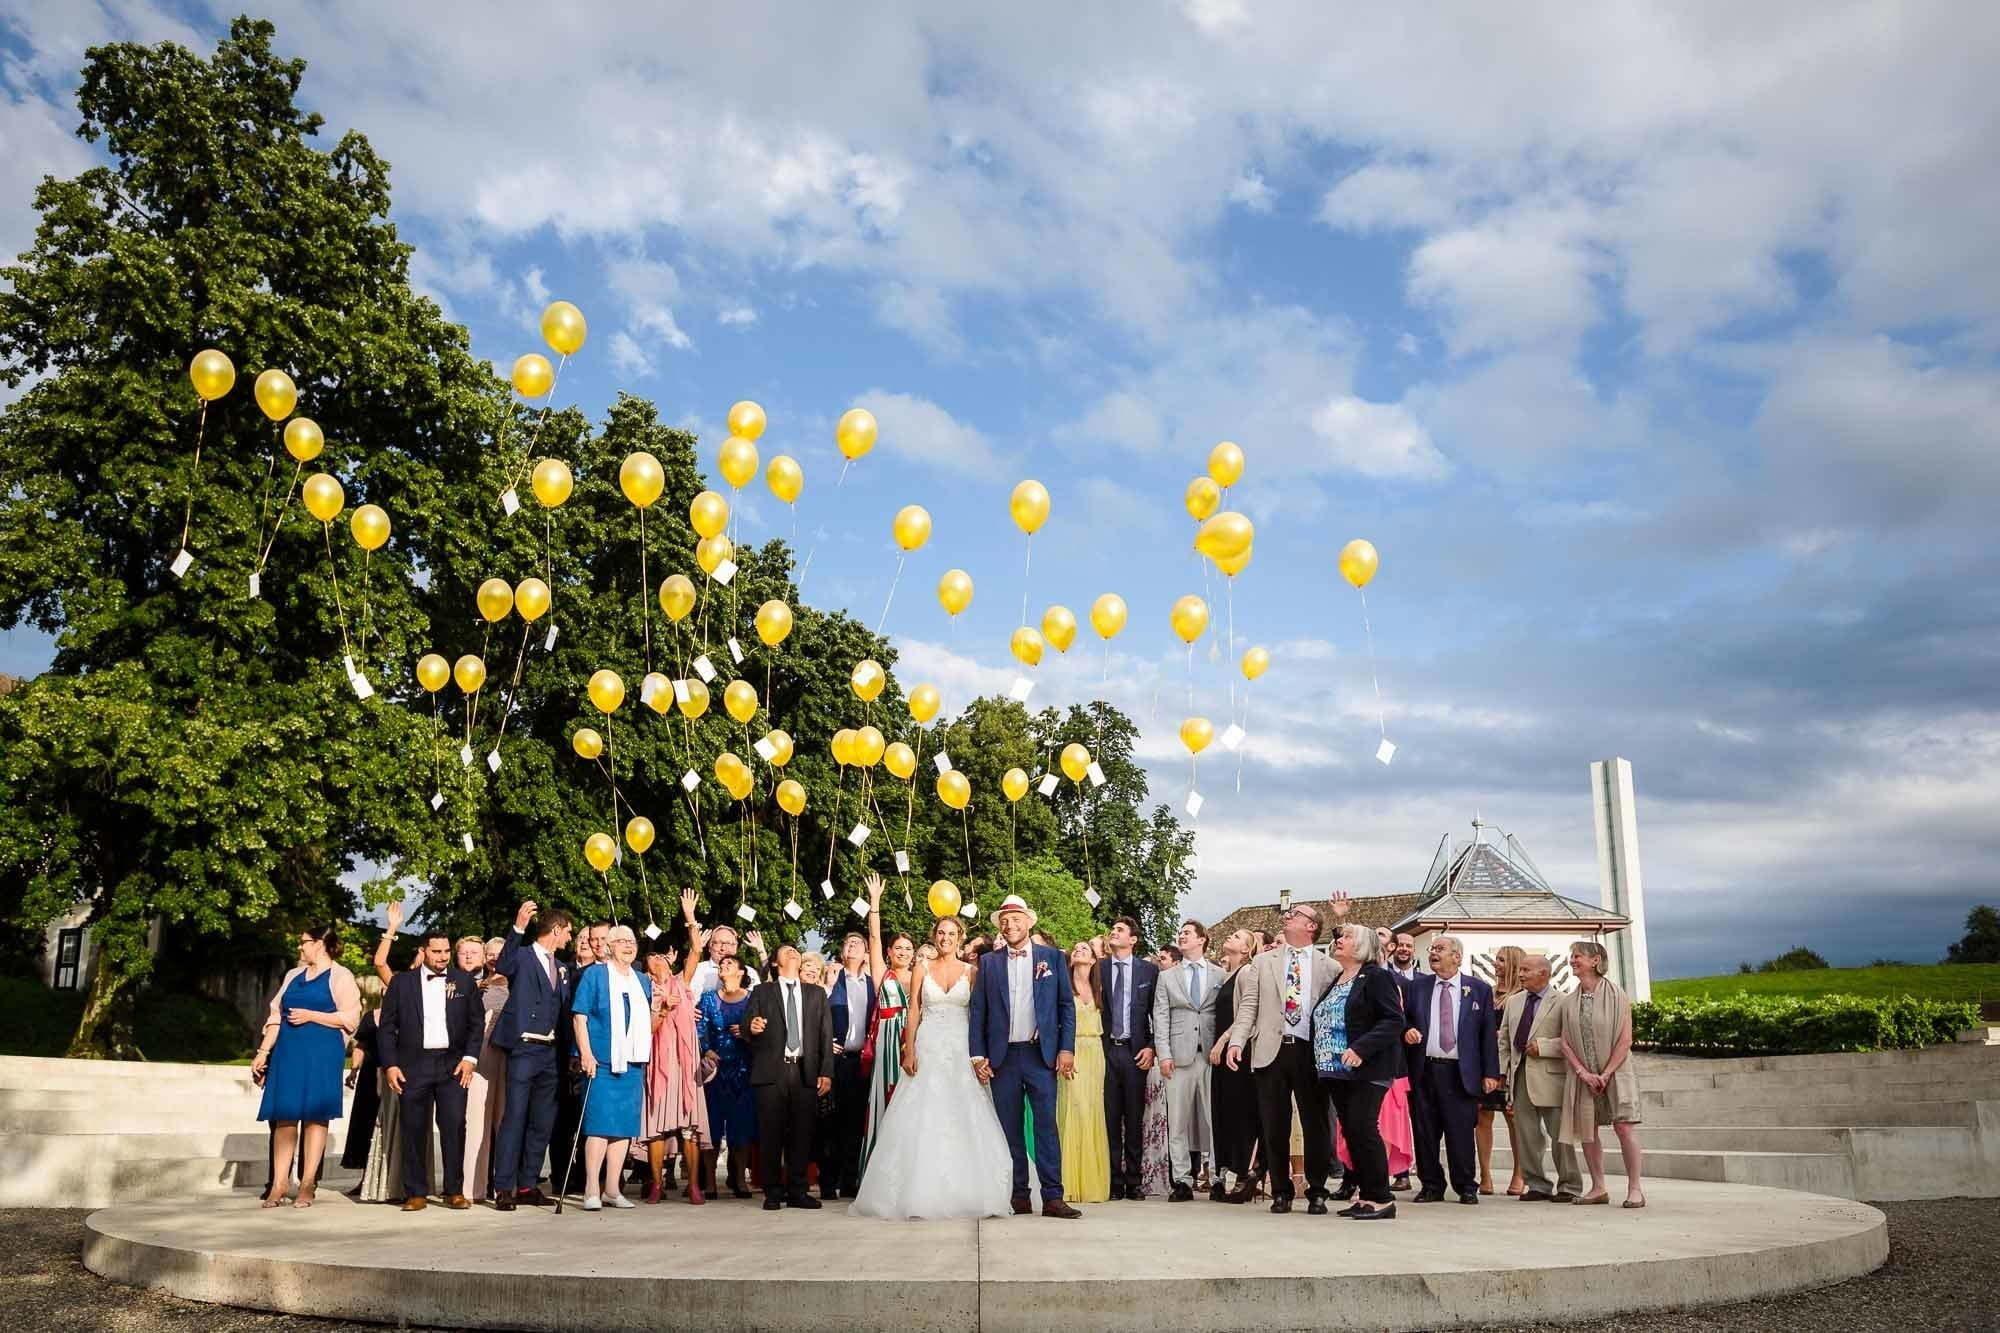 Gäste lassen Luftballone steigen im Bocken Horgen